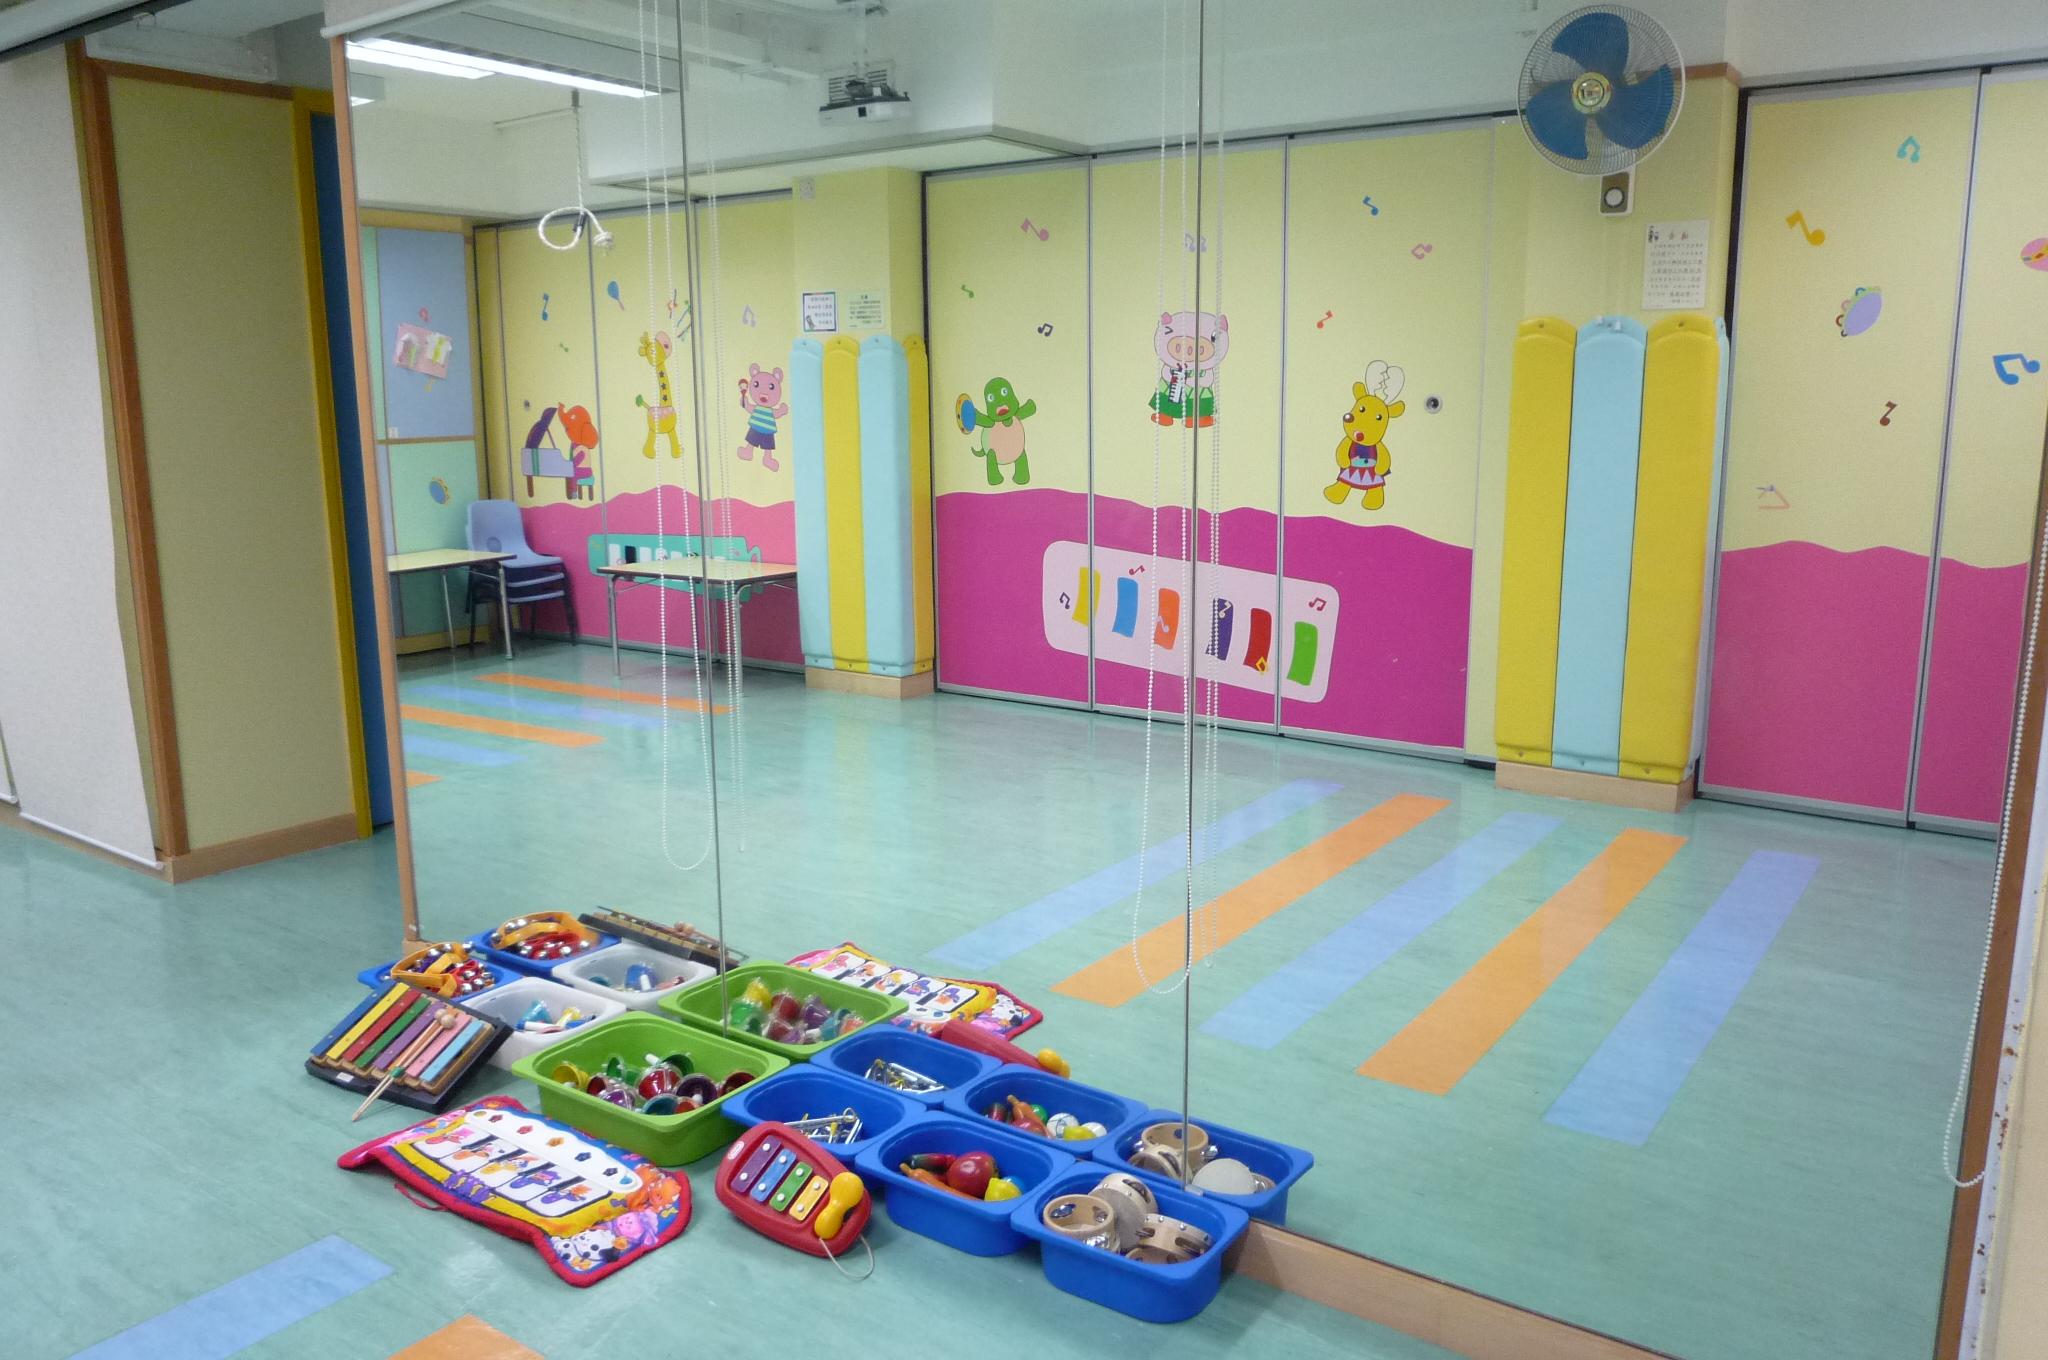 音樂律動室:設有鏡、各類樂器及引發律動之材料